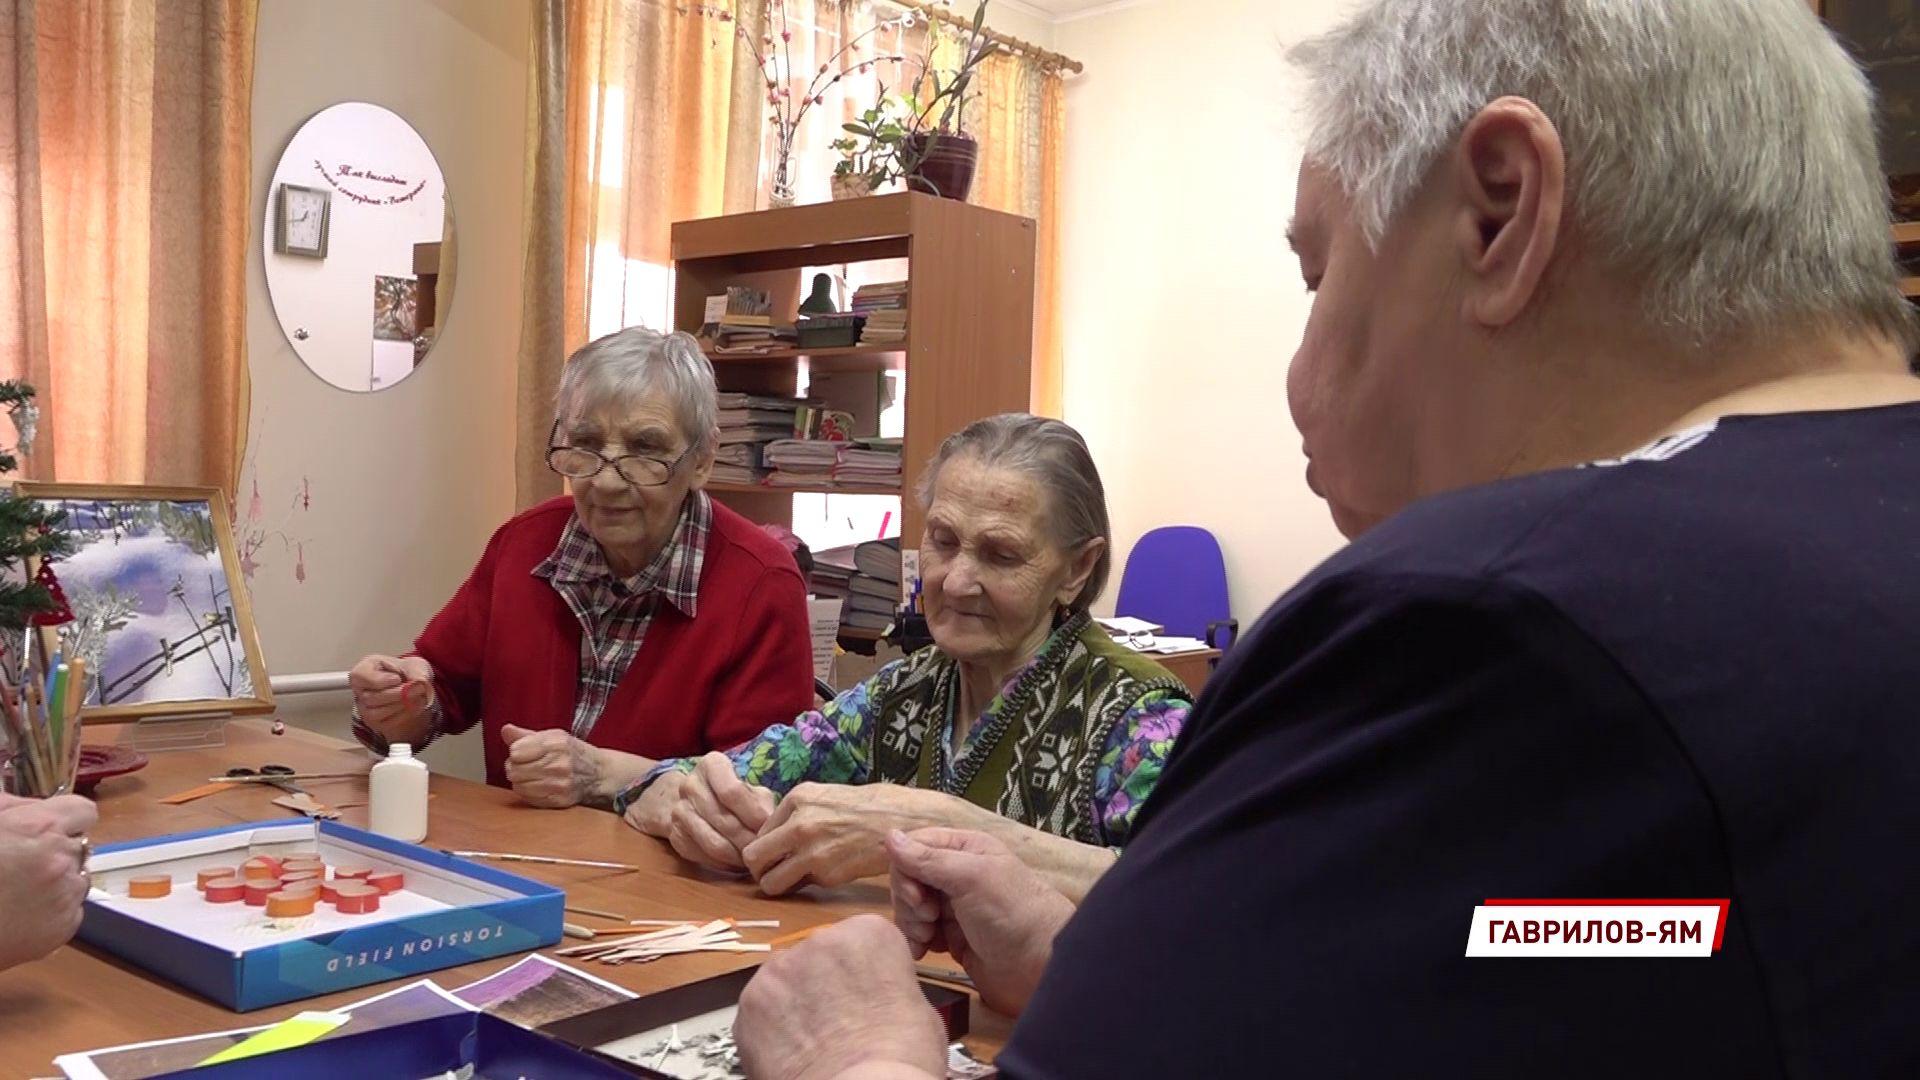 В Ярославской области продолжает развиваться система реабилитации пожилых и людей с инвалидностью